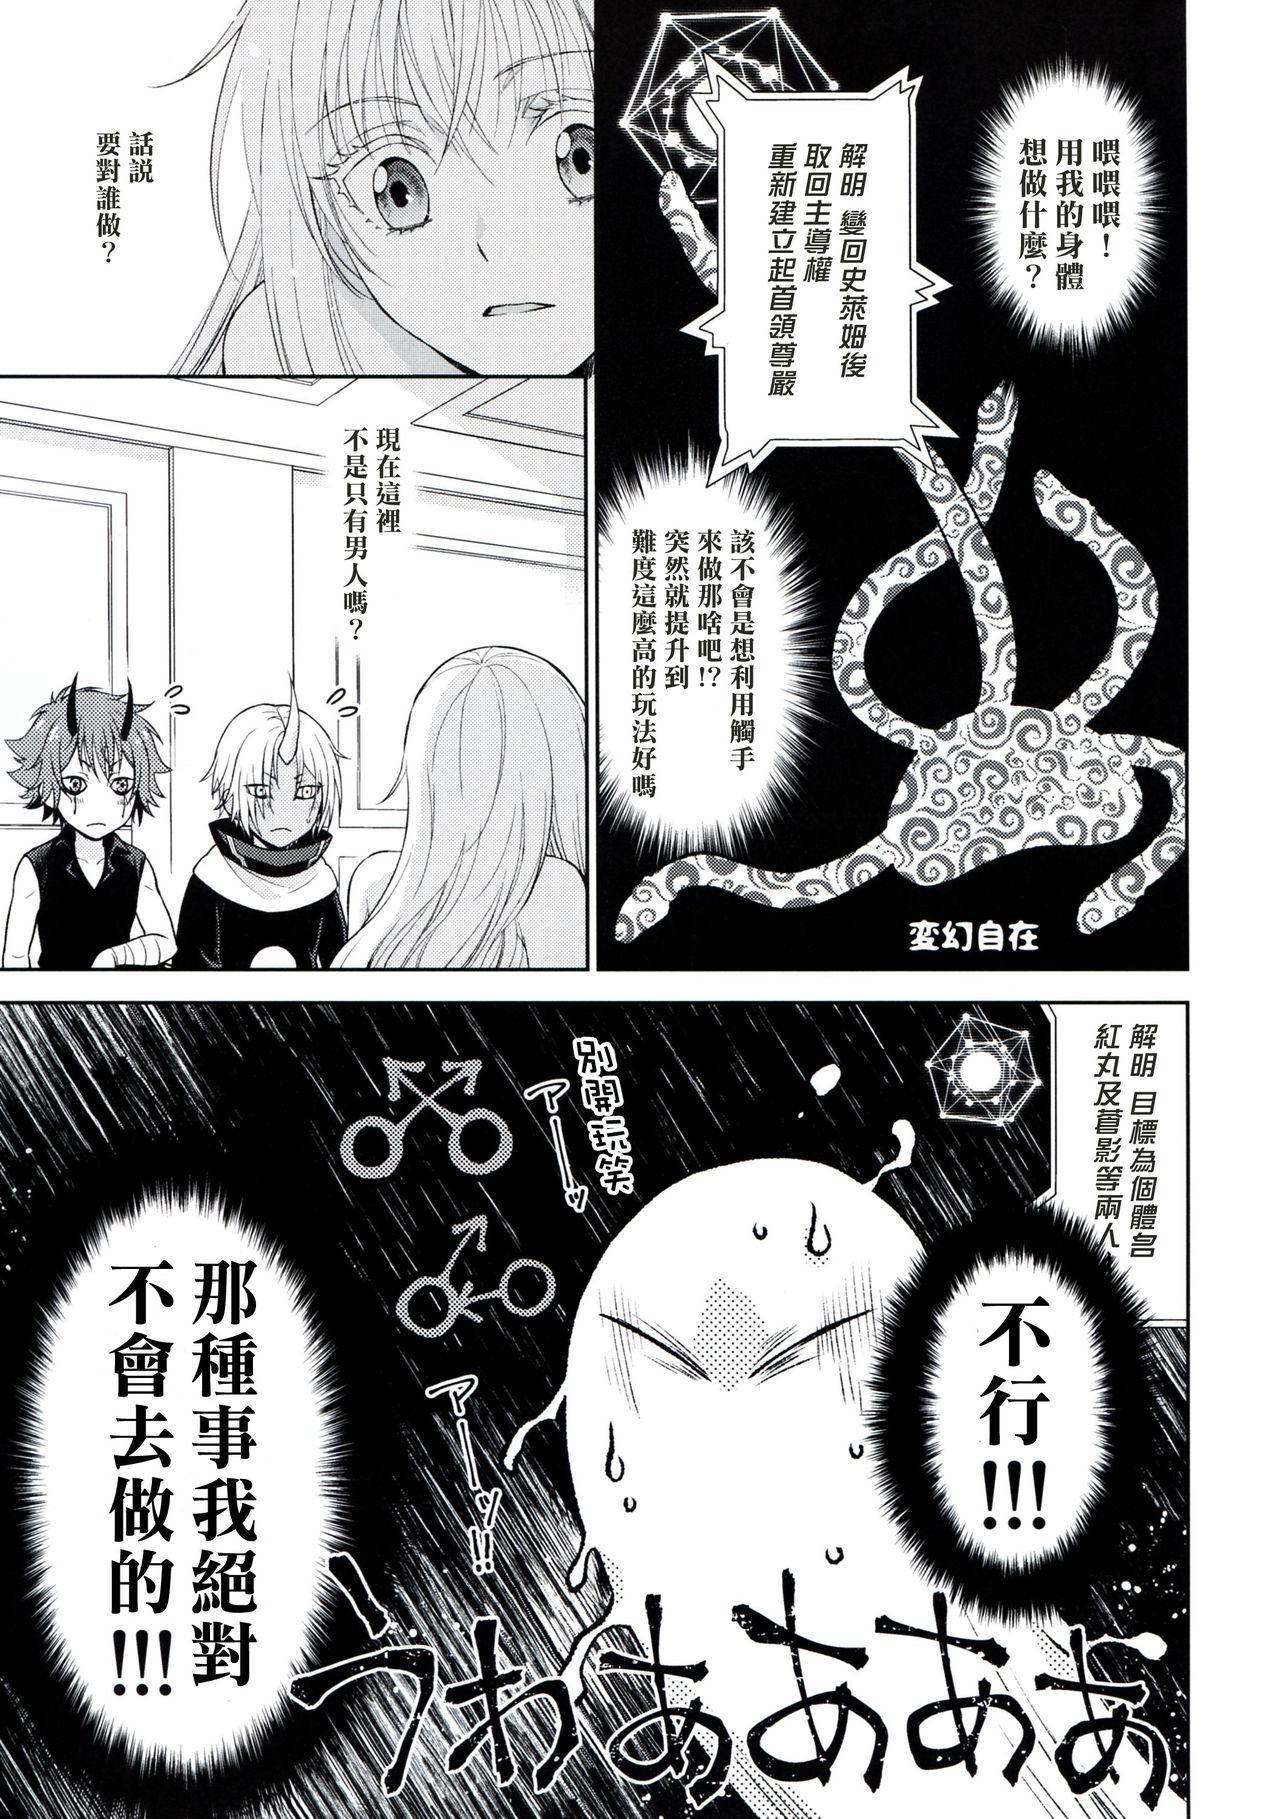 Koku. Josei Gitaika ni Seikou Shimashita 2 19